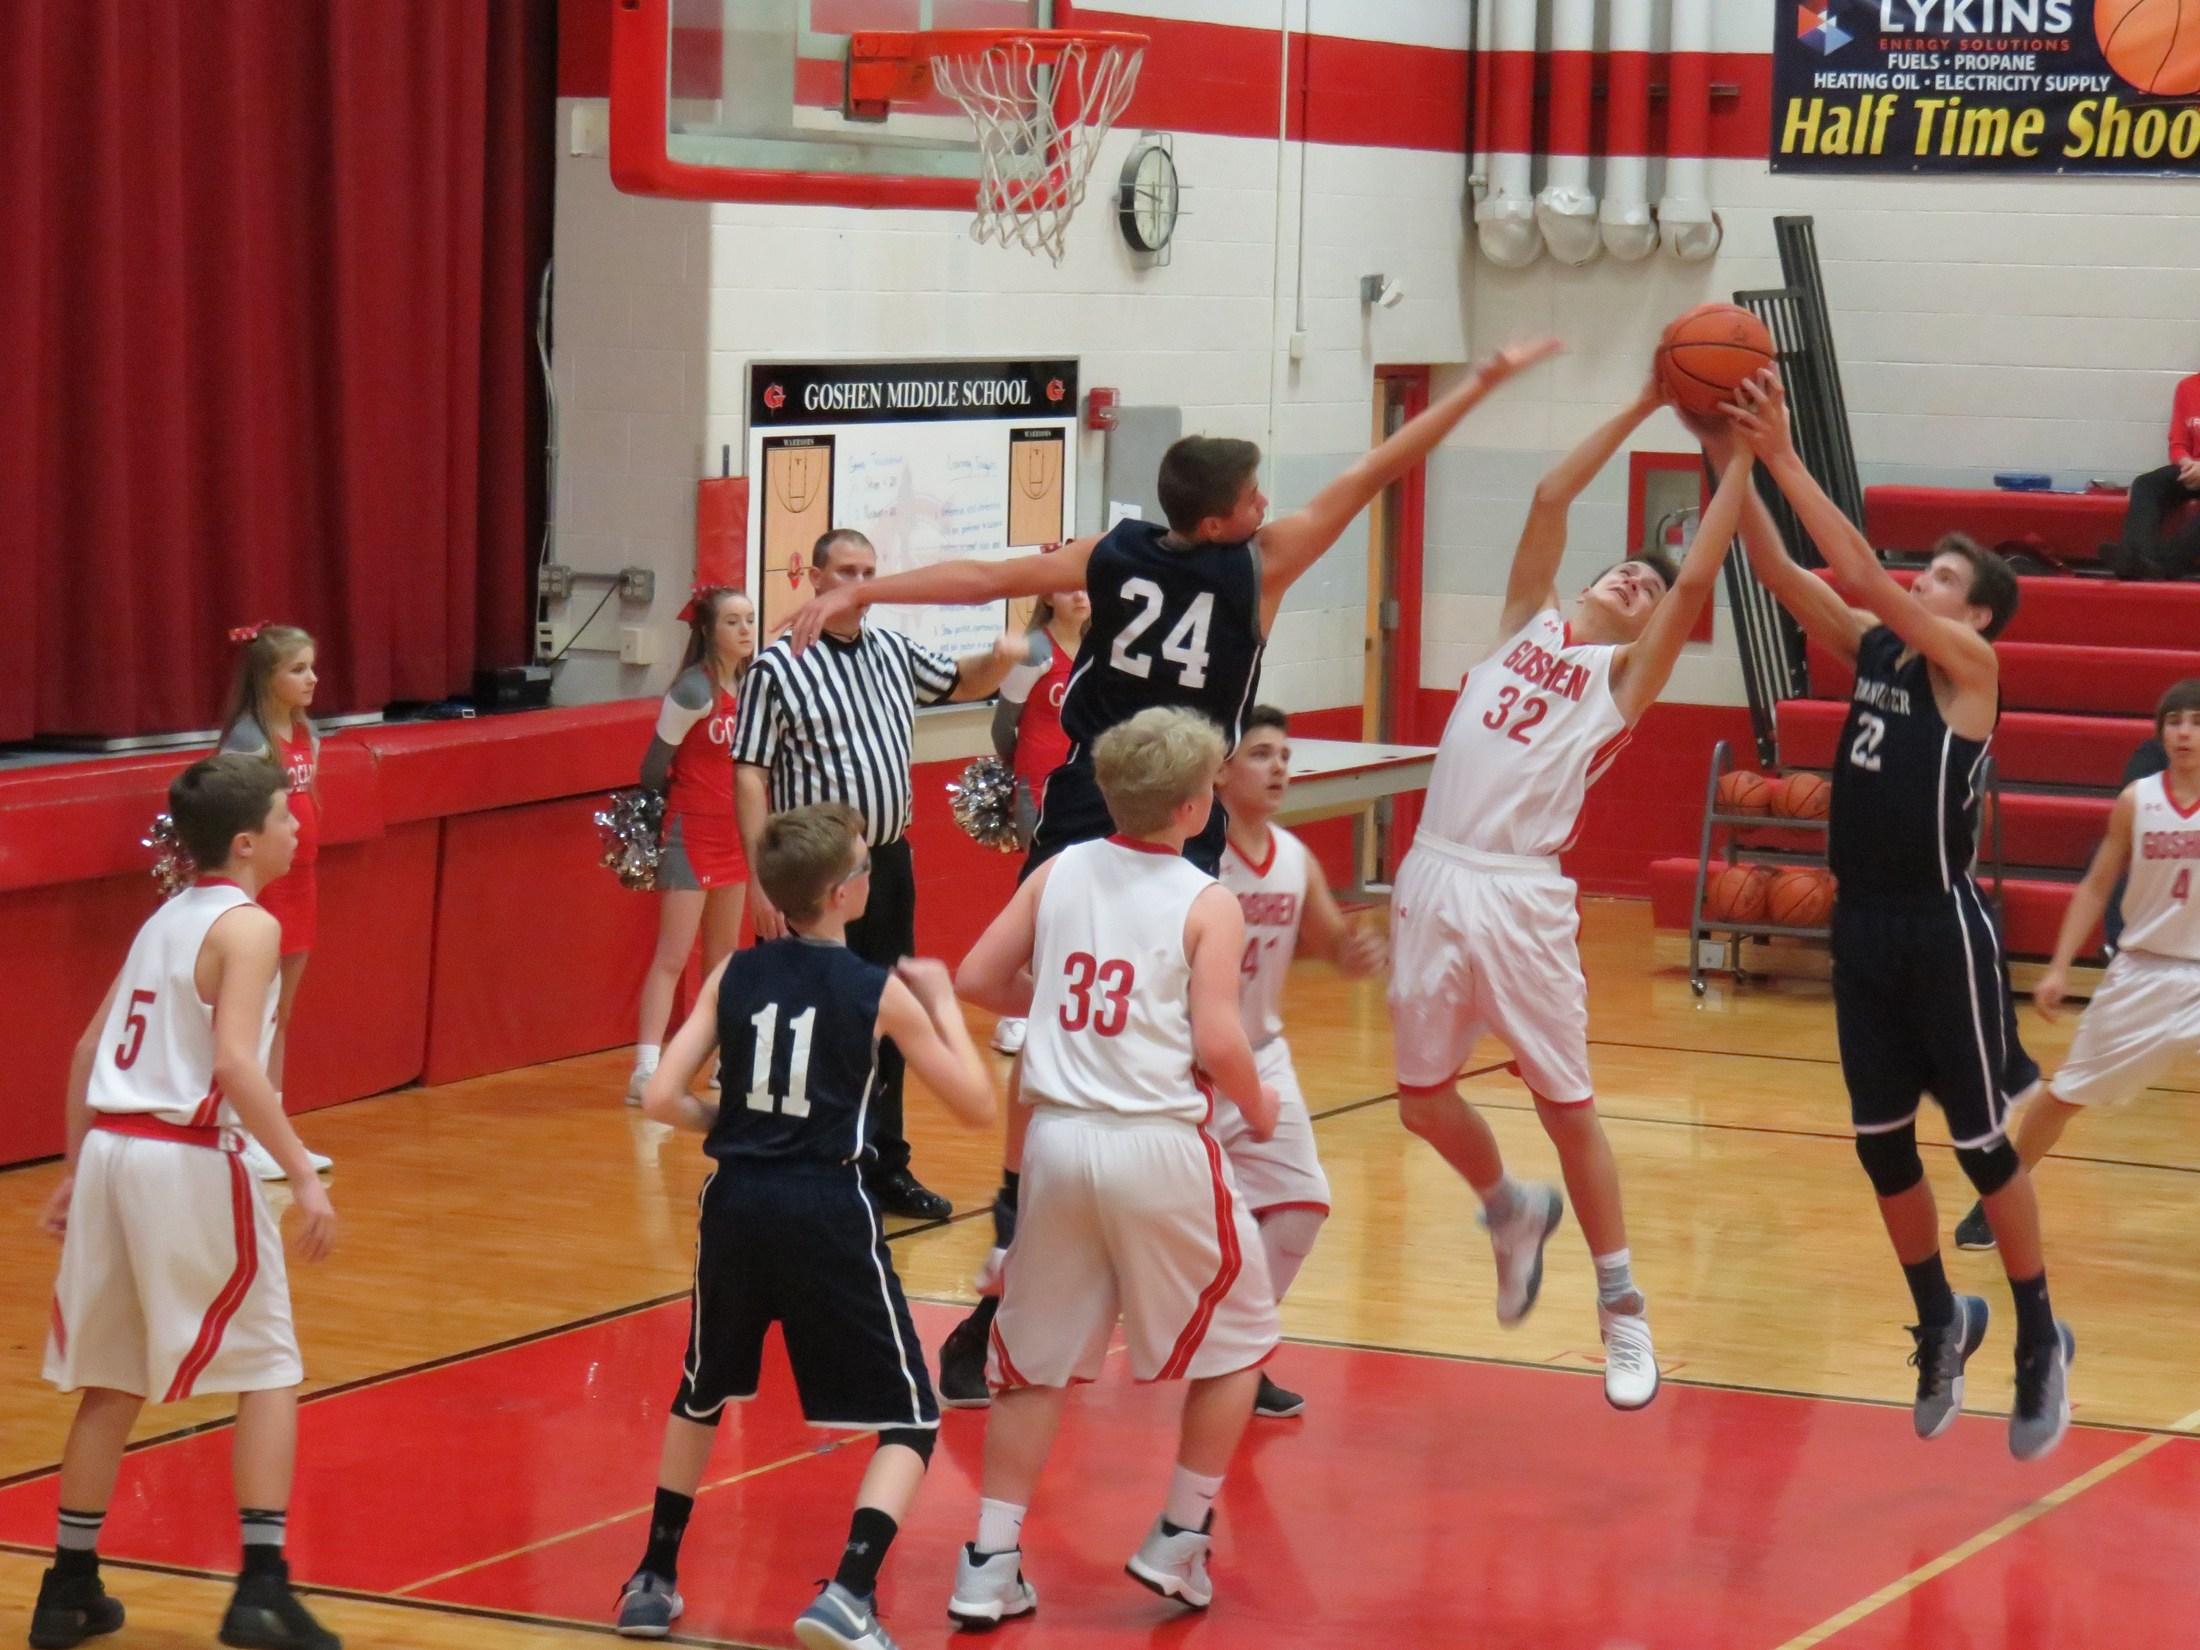 8th grade boys basketball player Brice Noland